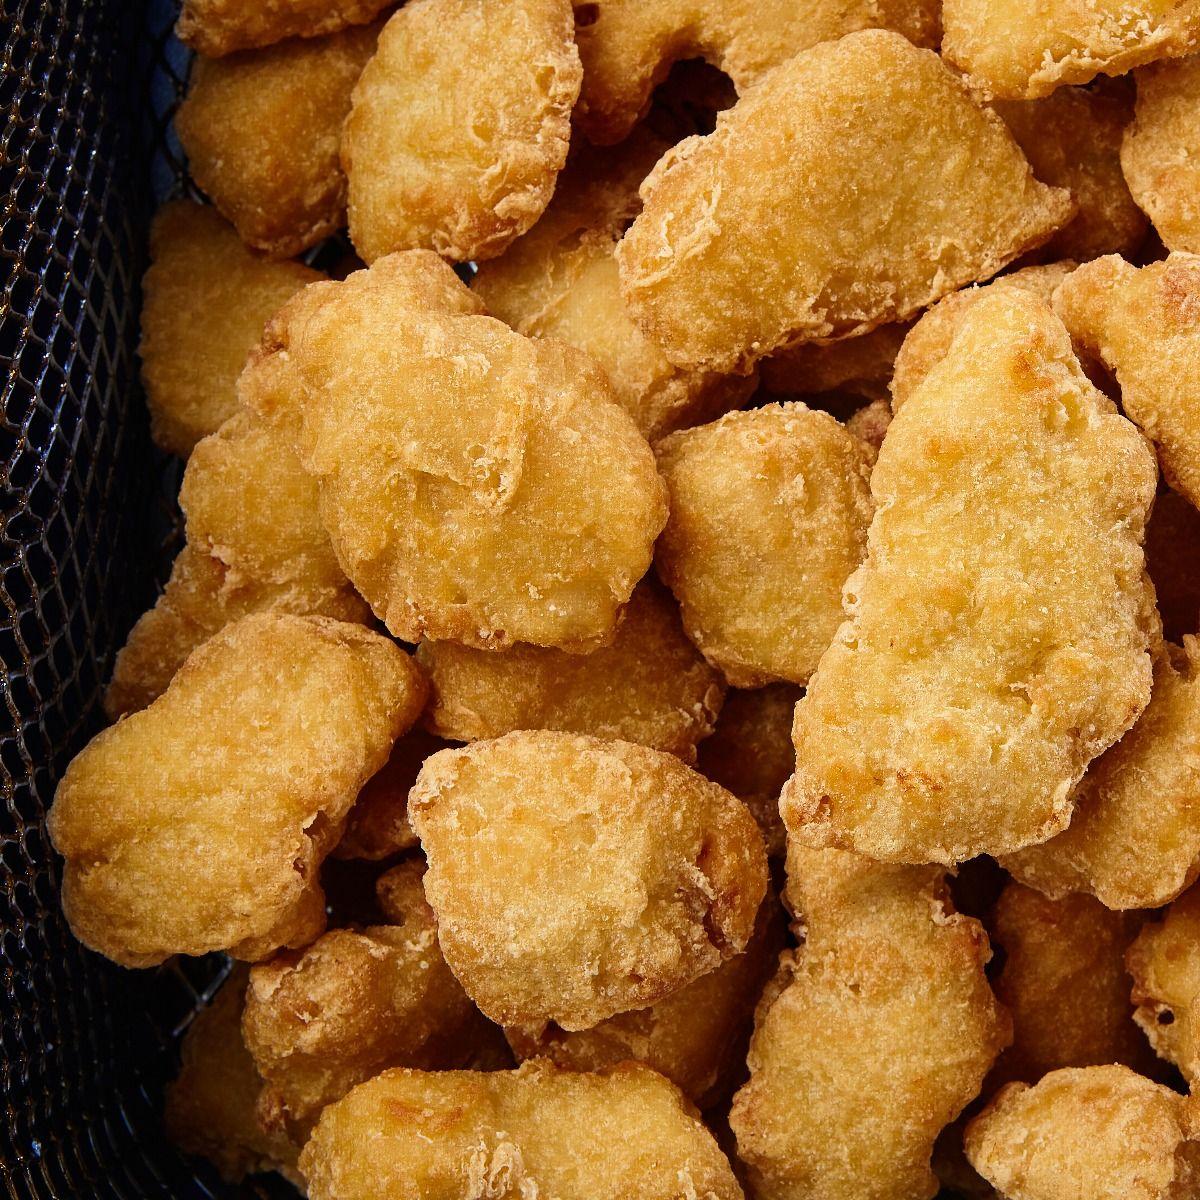 Morceaux de poitrine de poulet style tempura